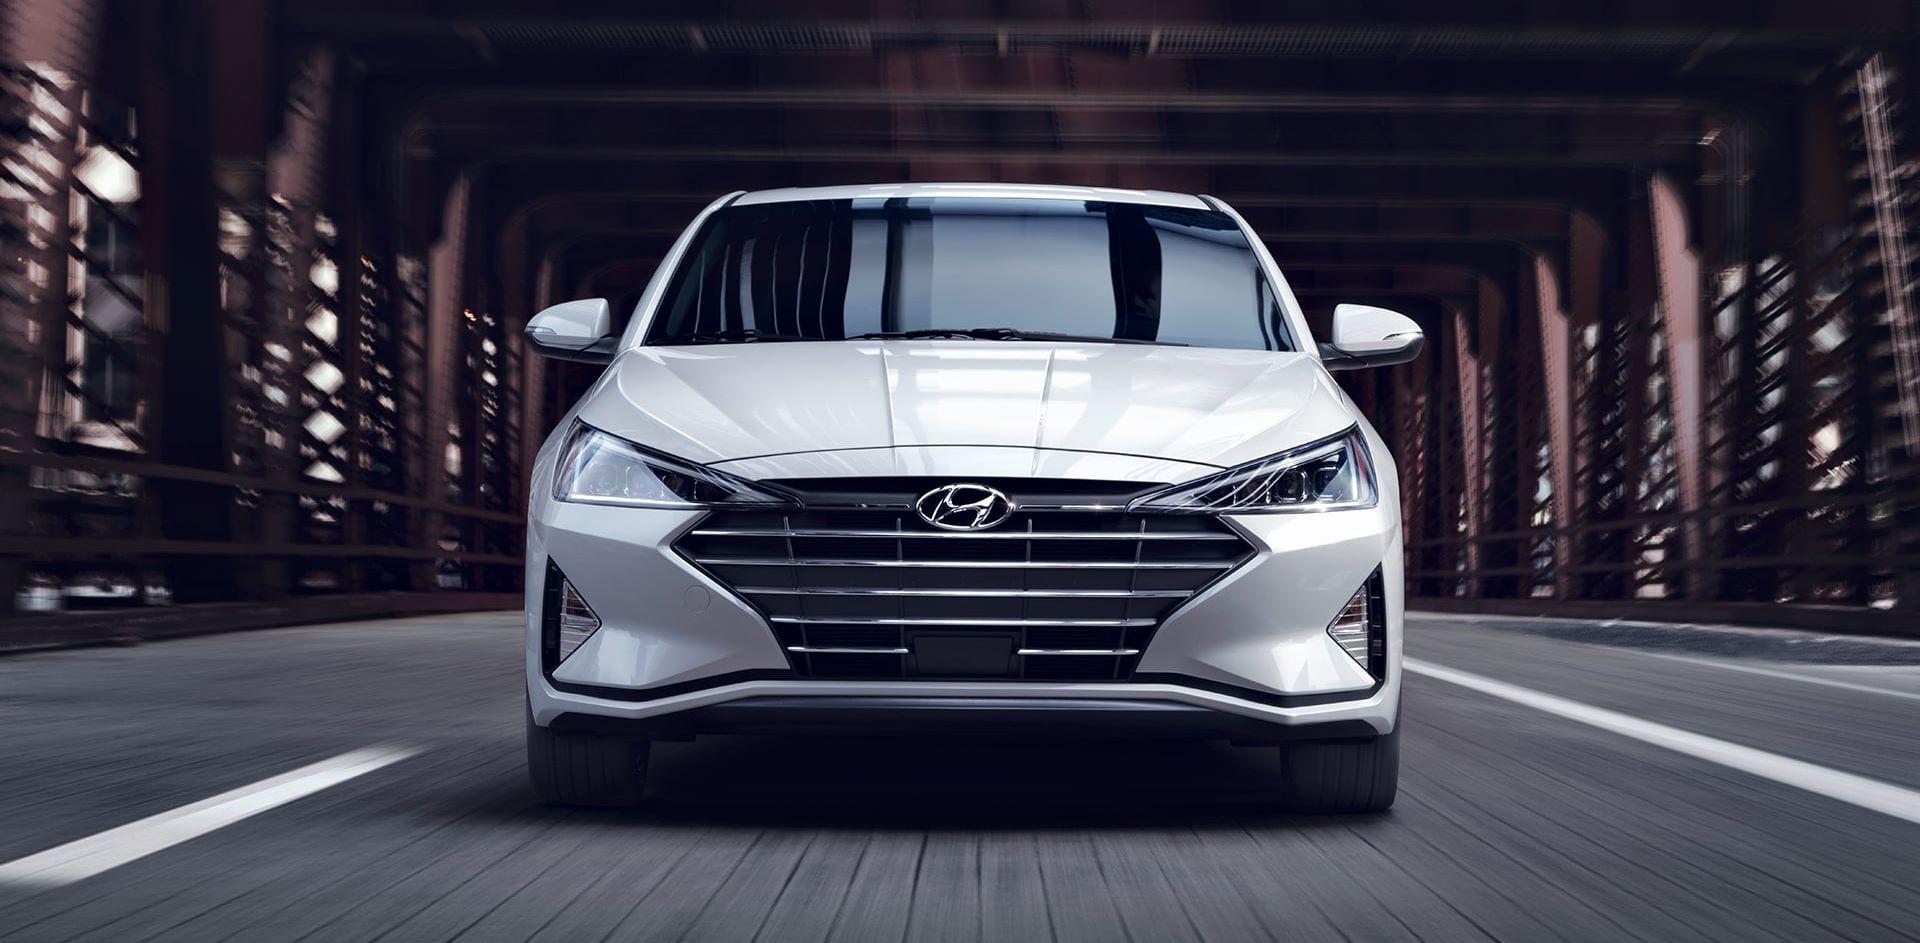 Hyundai Elantra 2019 a la venta cerca de Manassas, VA.